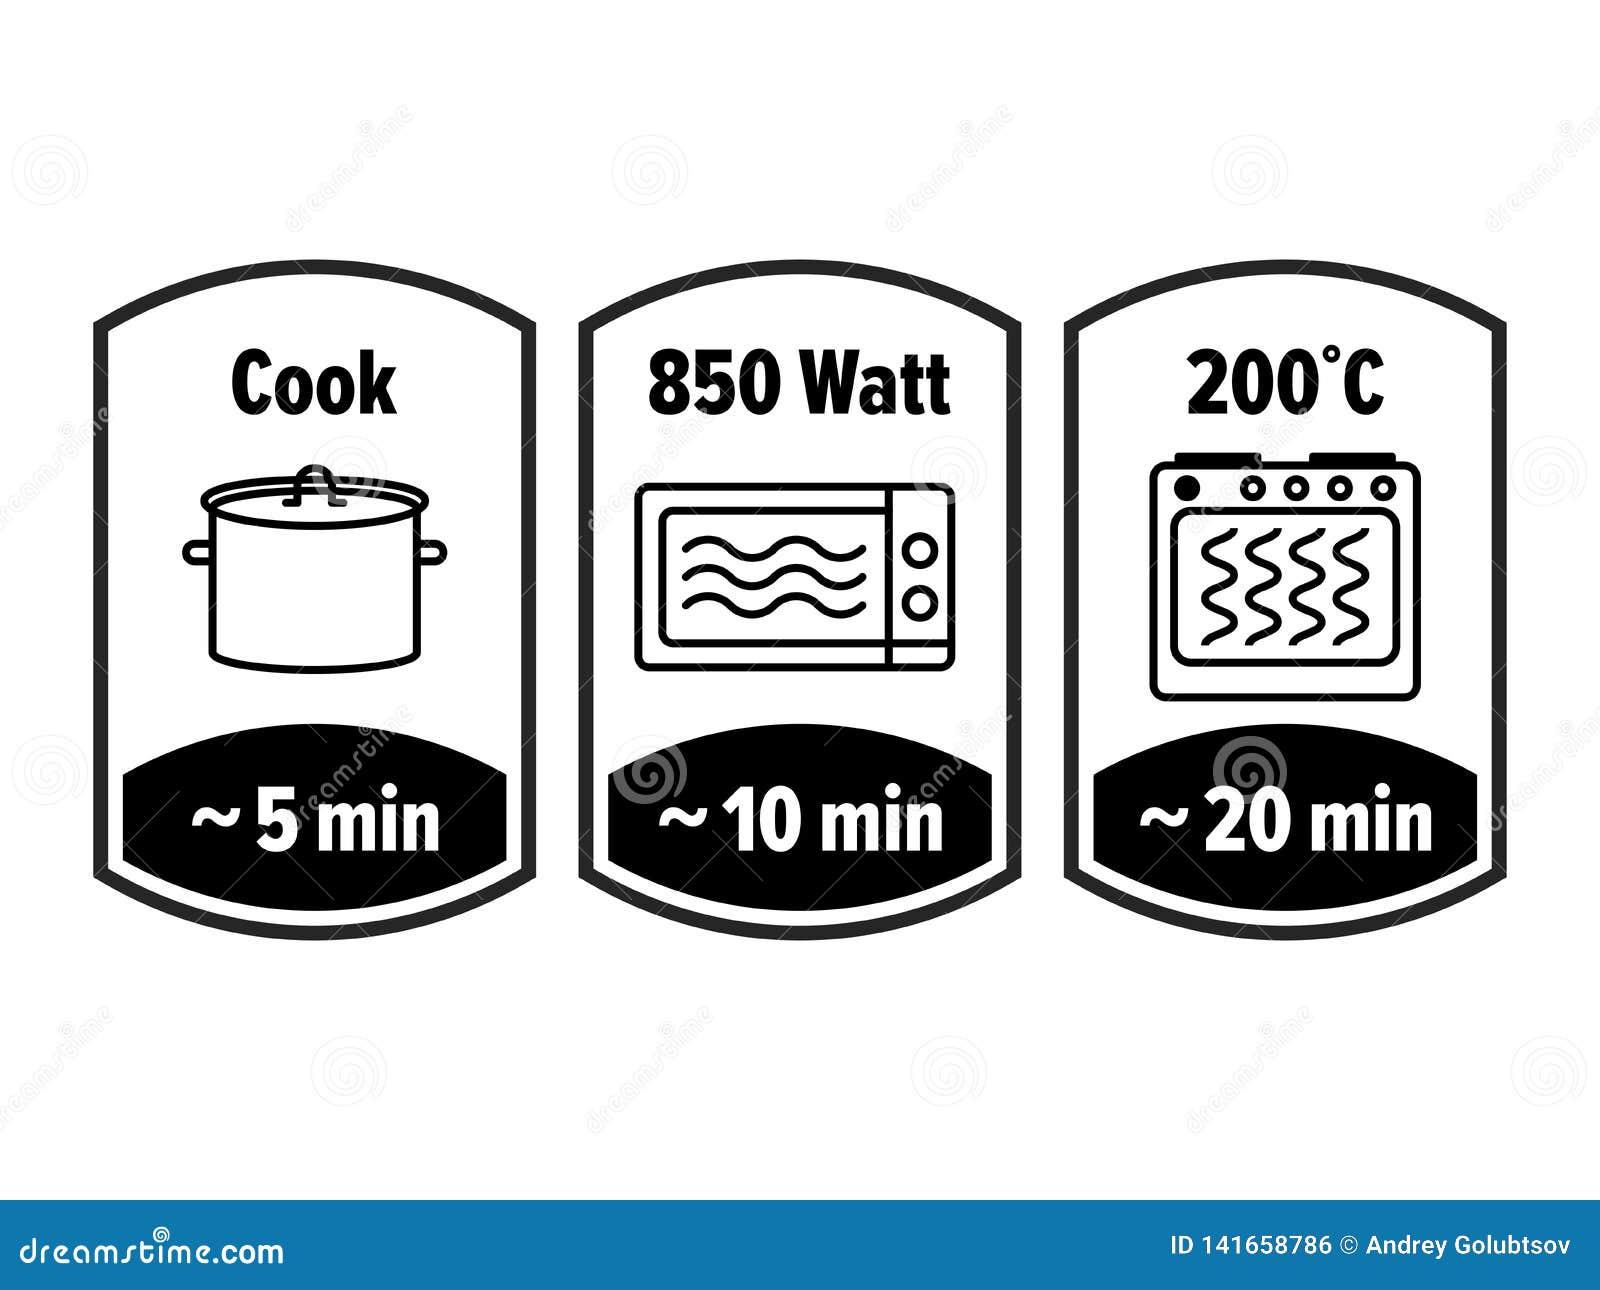 Cocine el icono del vector de los minutos minutos que cocinan en el cazo de ebullición, el vatio y la temperatura de la cocina de